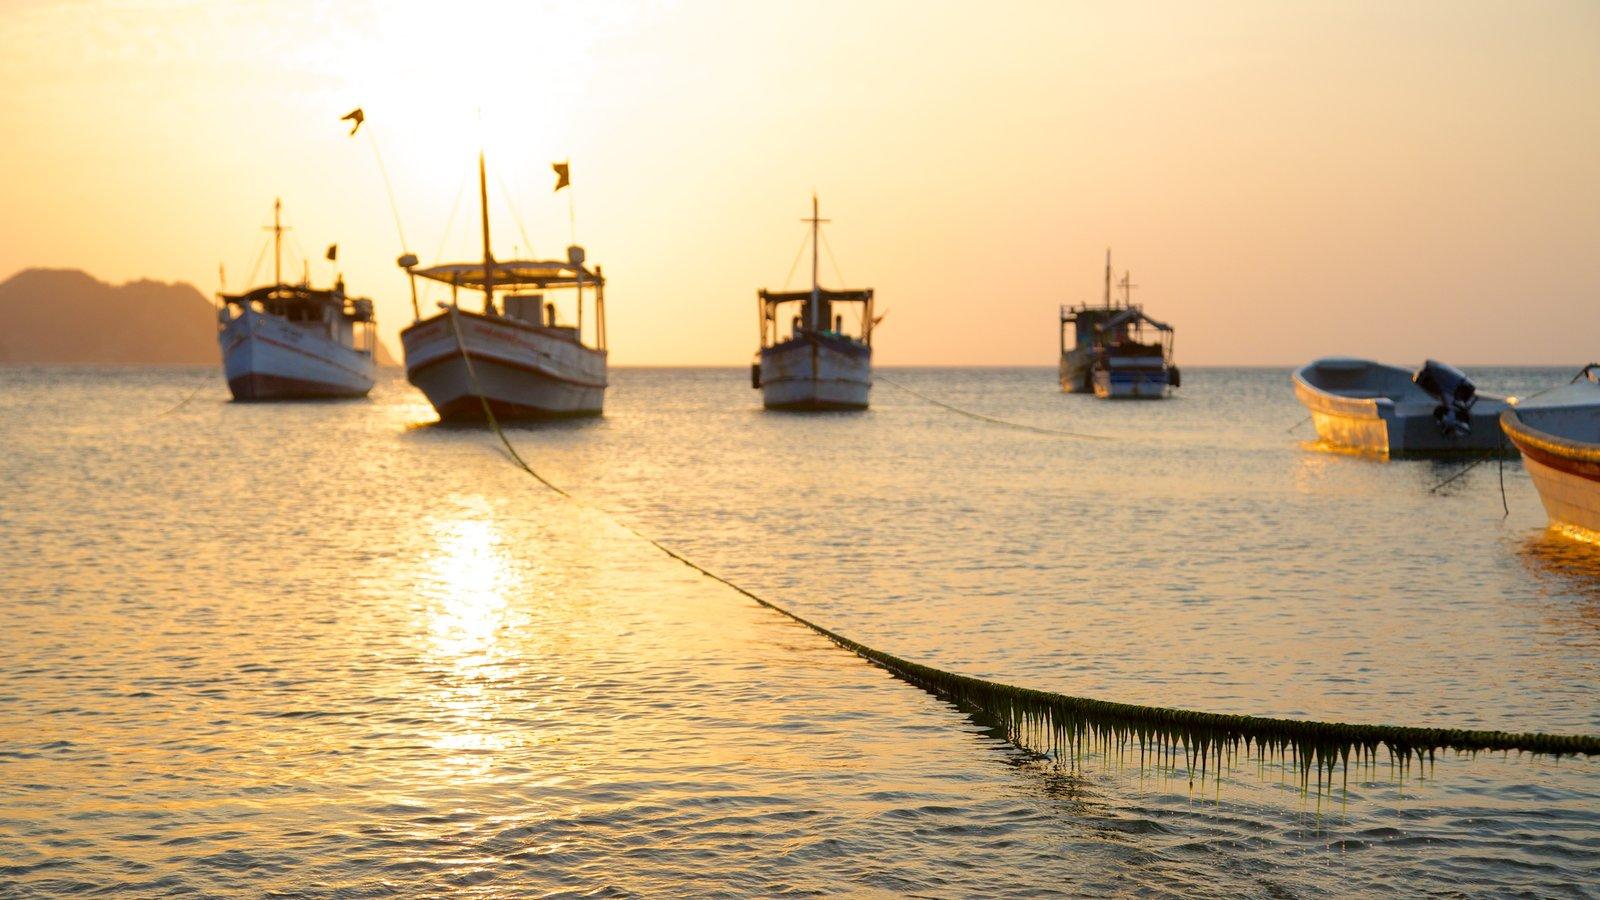 Playa Taganga toont varen, een baai of haven en een zonsondergang